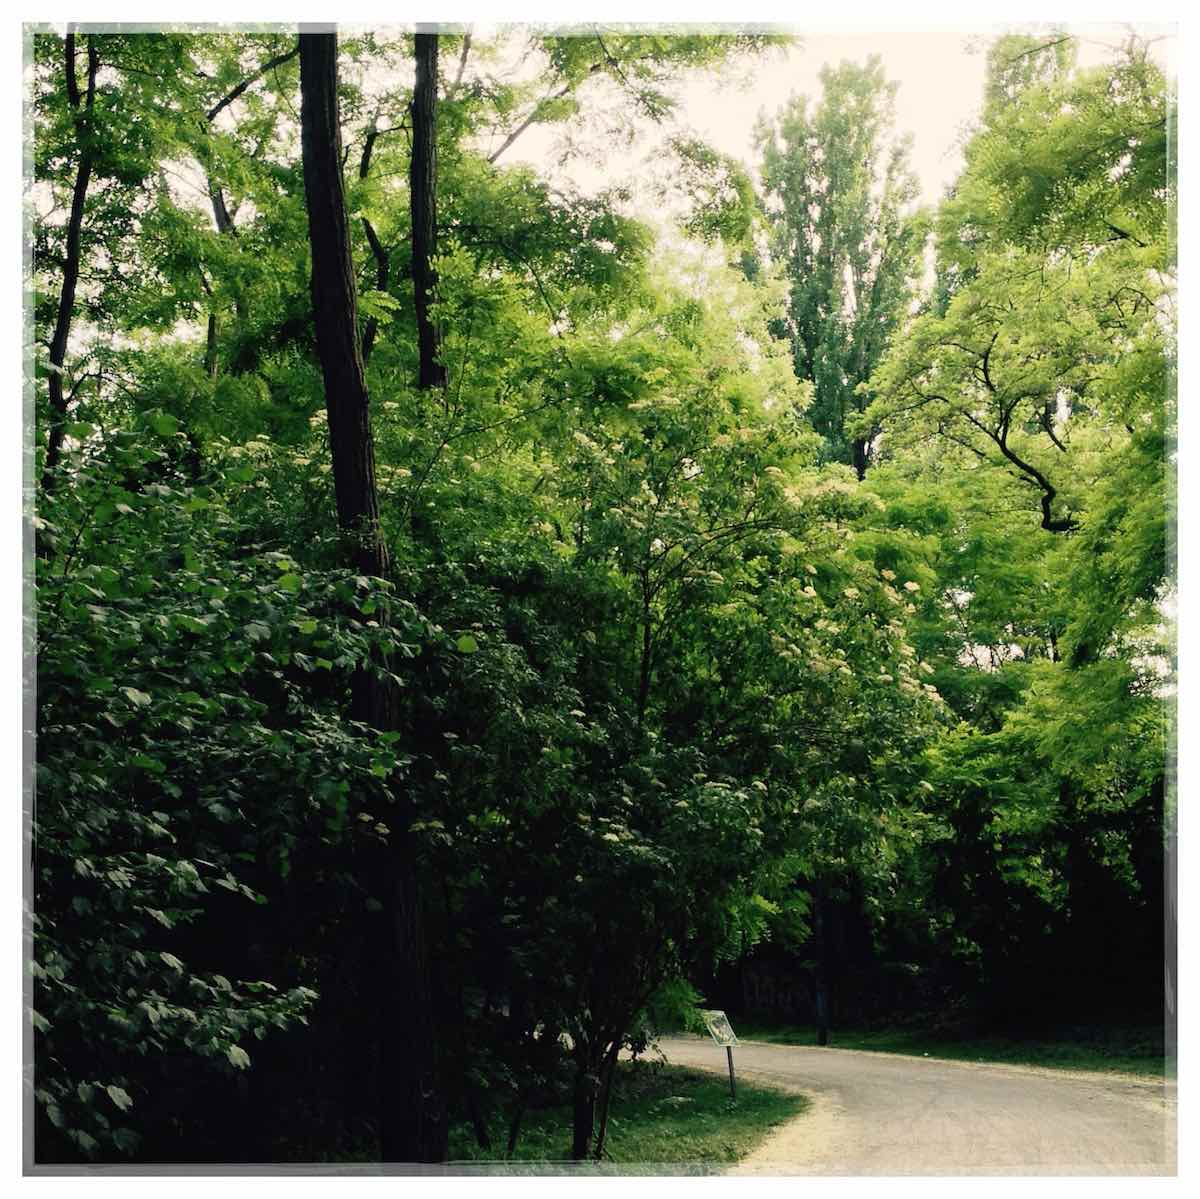 Wald am Anhalter Bahnhof